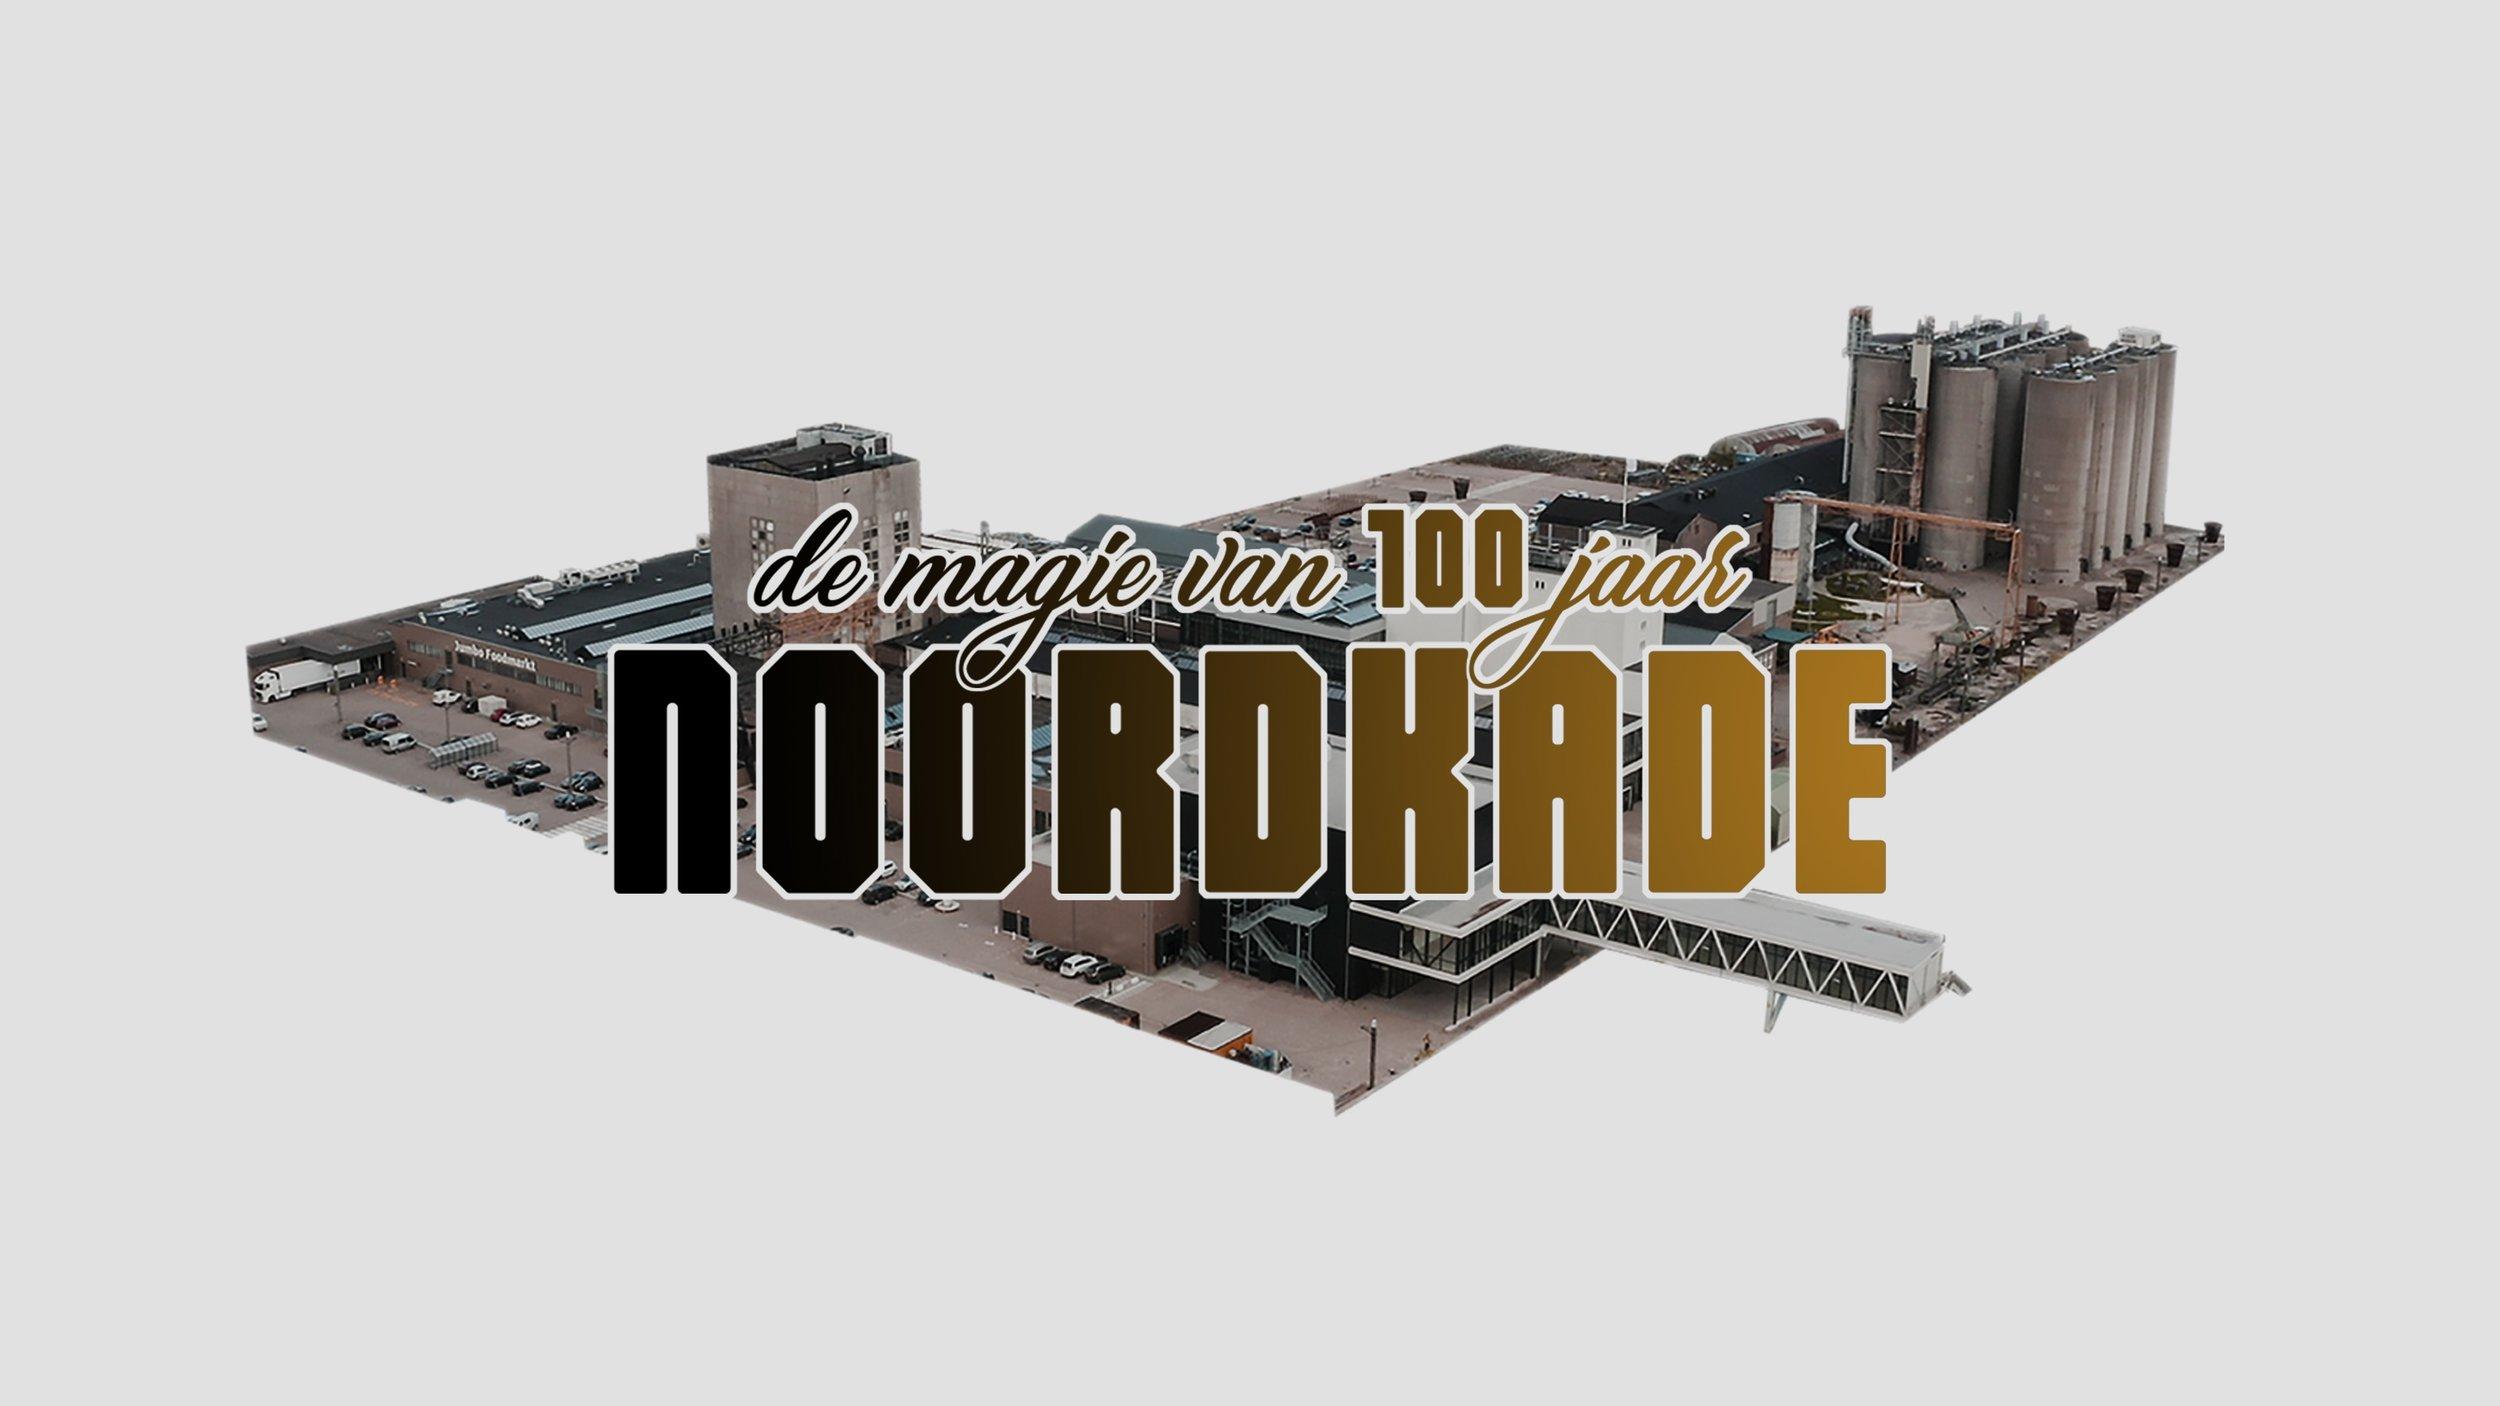 T_100_Jaar_Noordkade-squashed.jpg